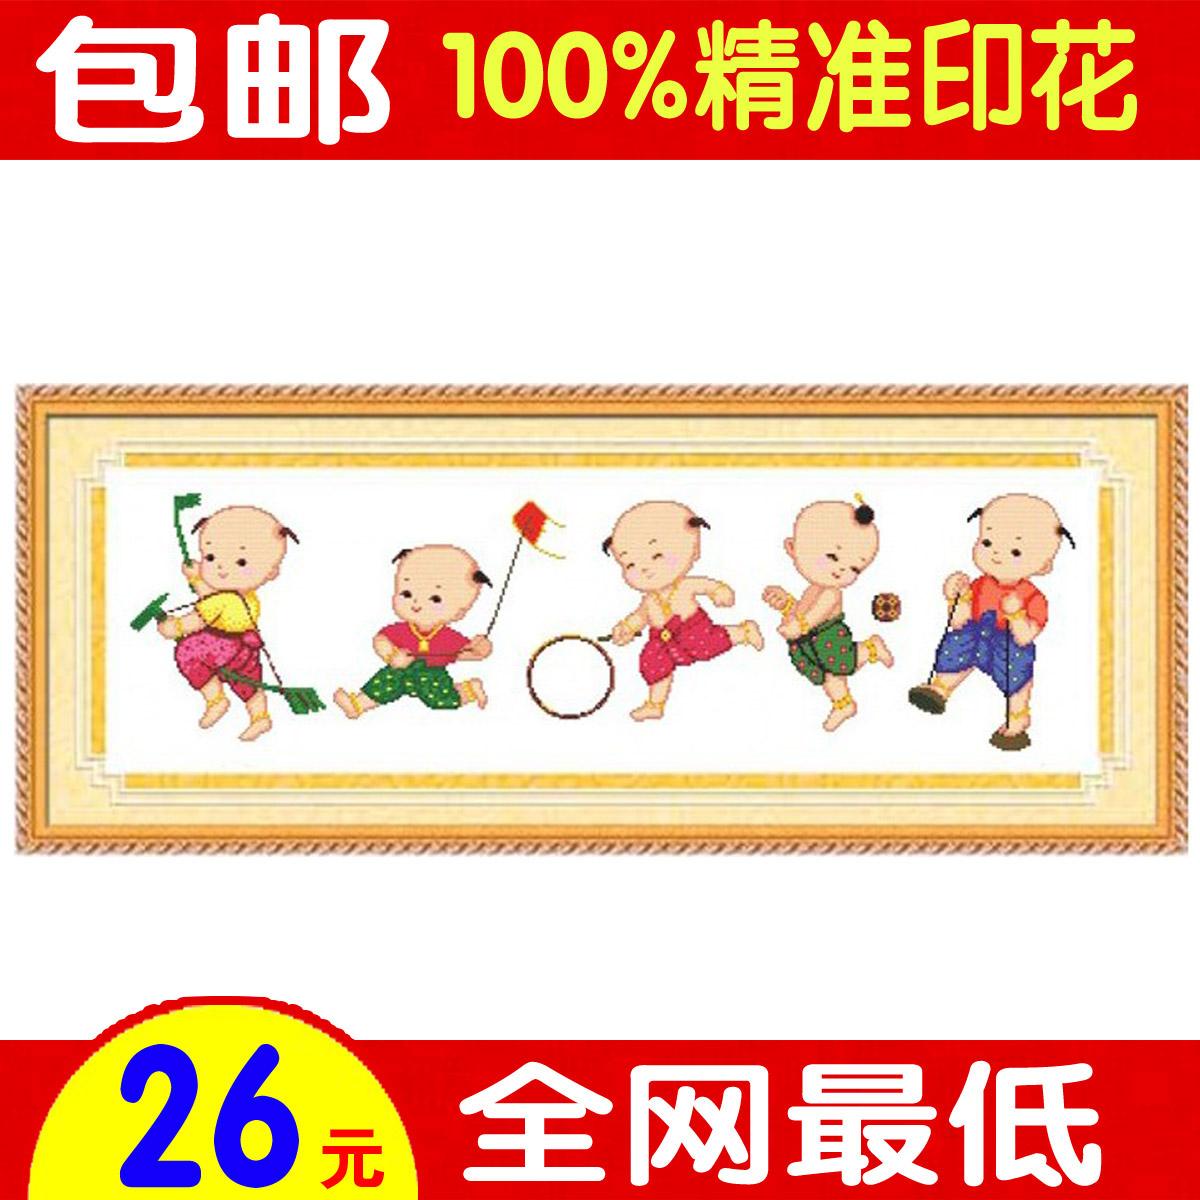 【天天特价】十字绣包邮100%精准印花新款人物儿童房间画五子送福